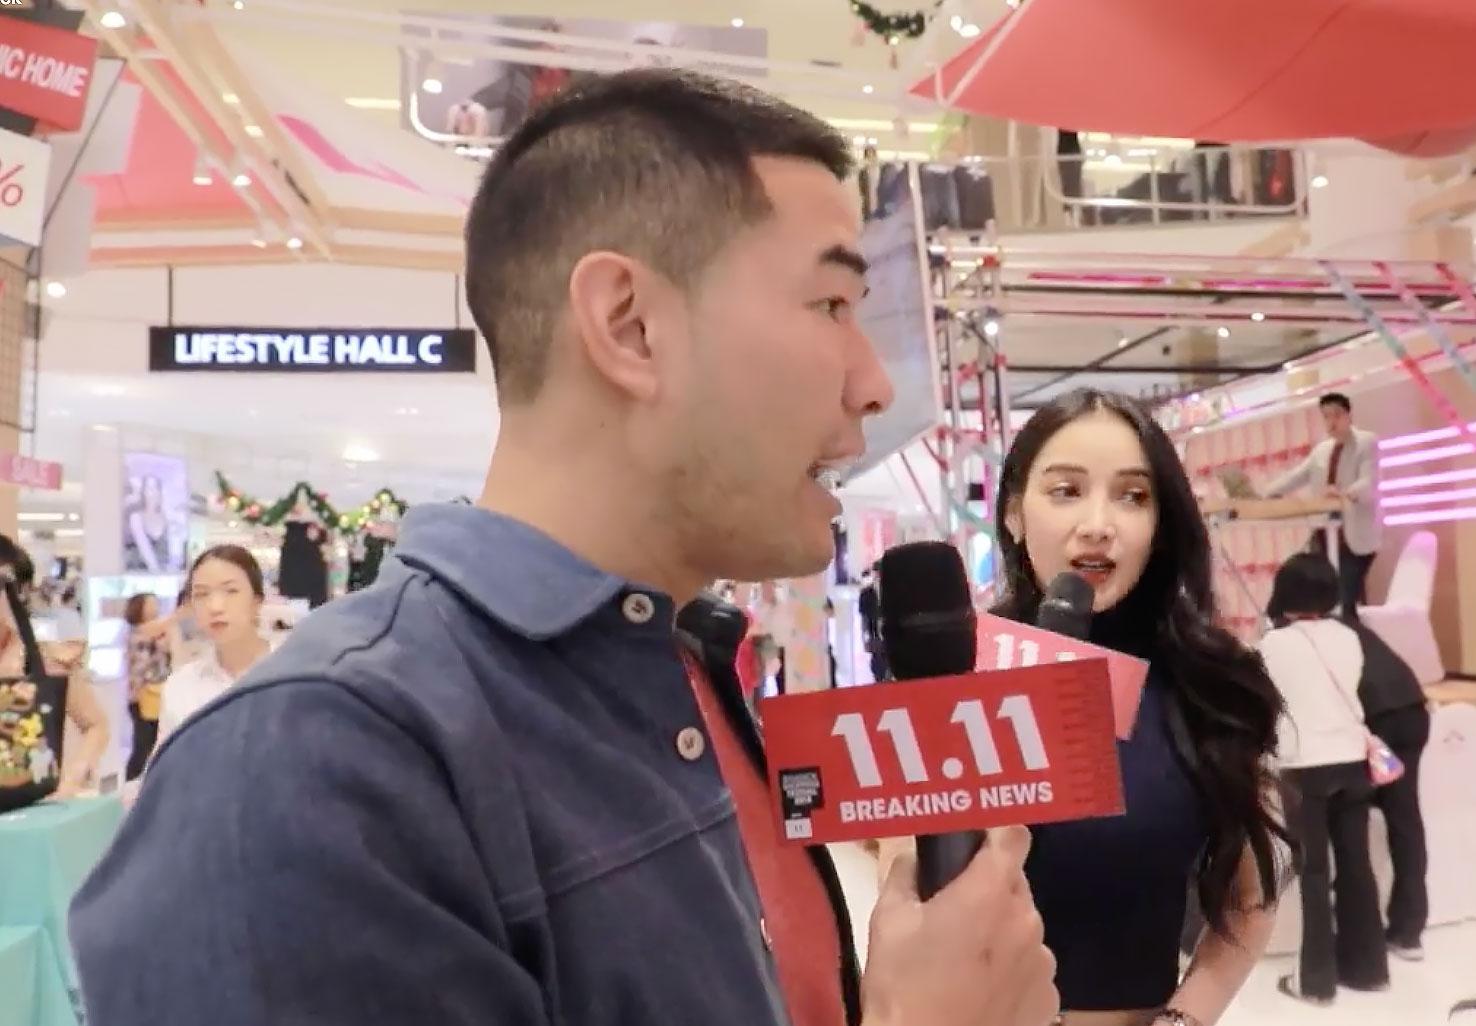 11 เดือน 11 The Mall เอาใจนักช้อป ลดทั้งห้างสูงสุด 50%